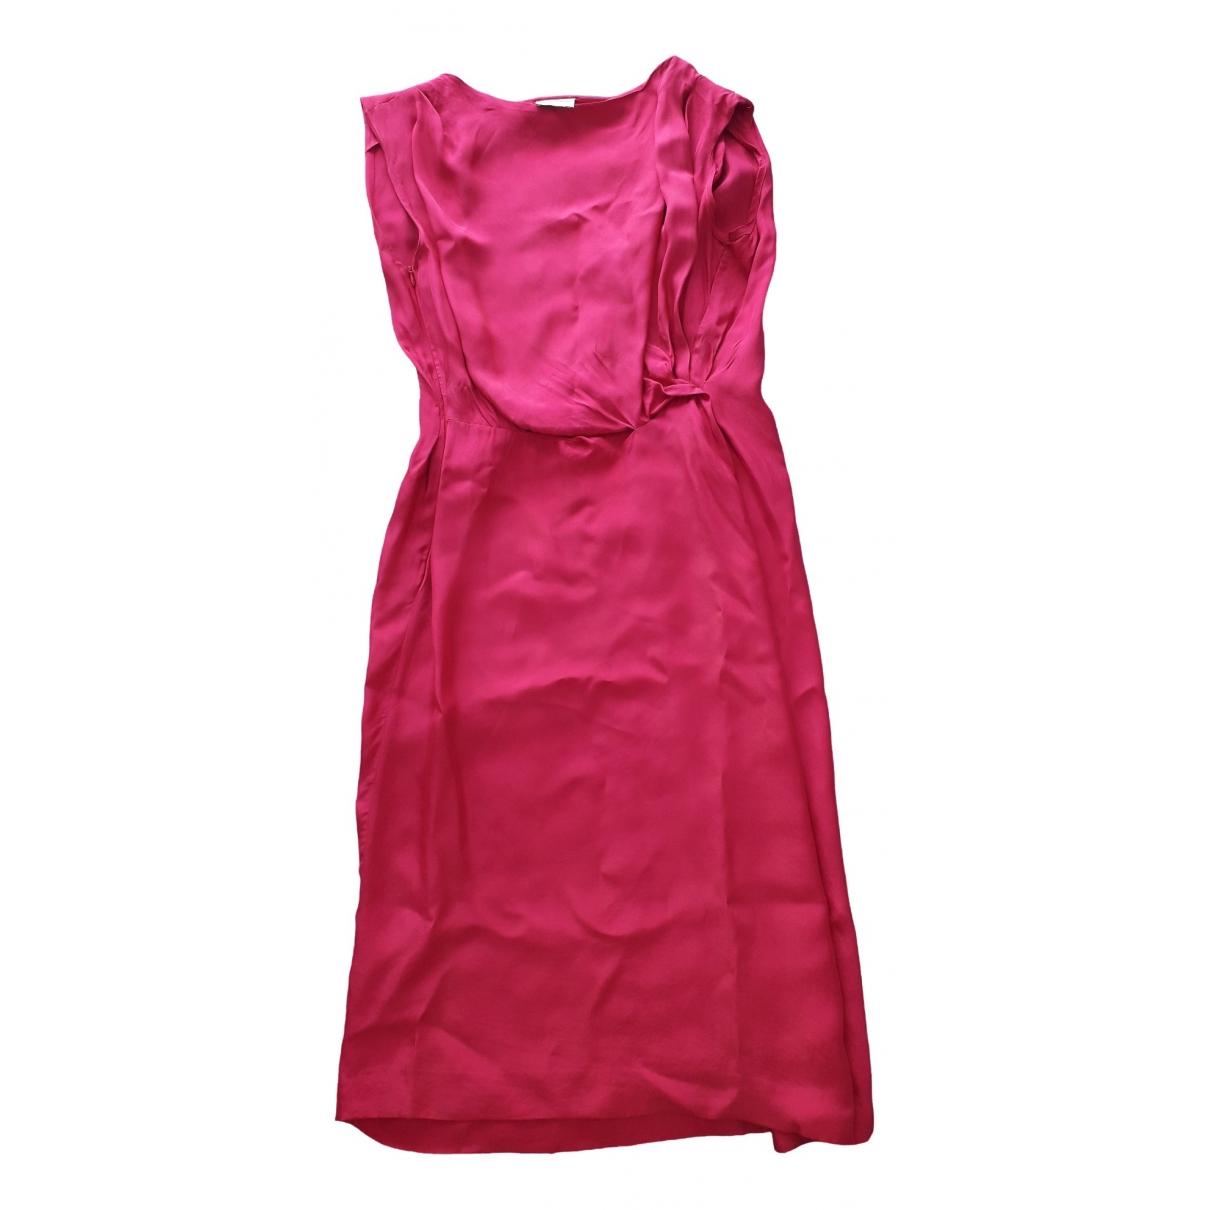 Dries Van Noten \N Kleid in  Rosa Synthetik